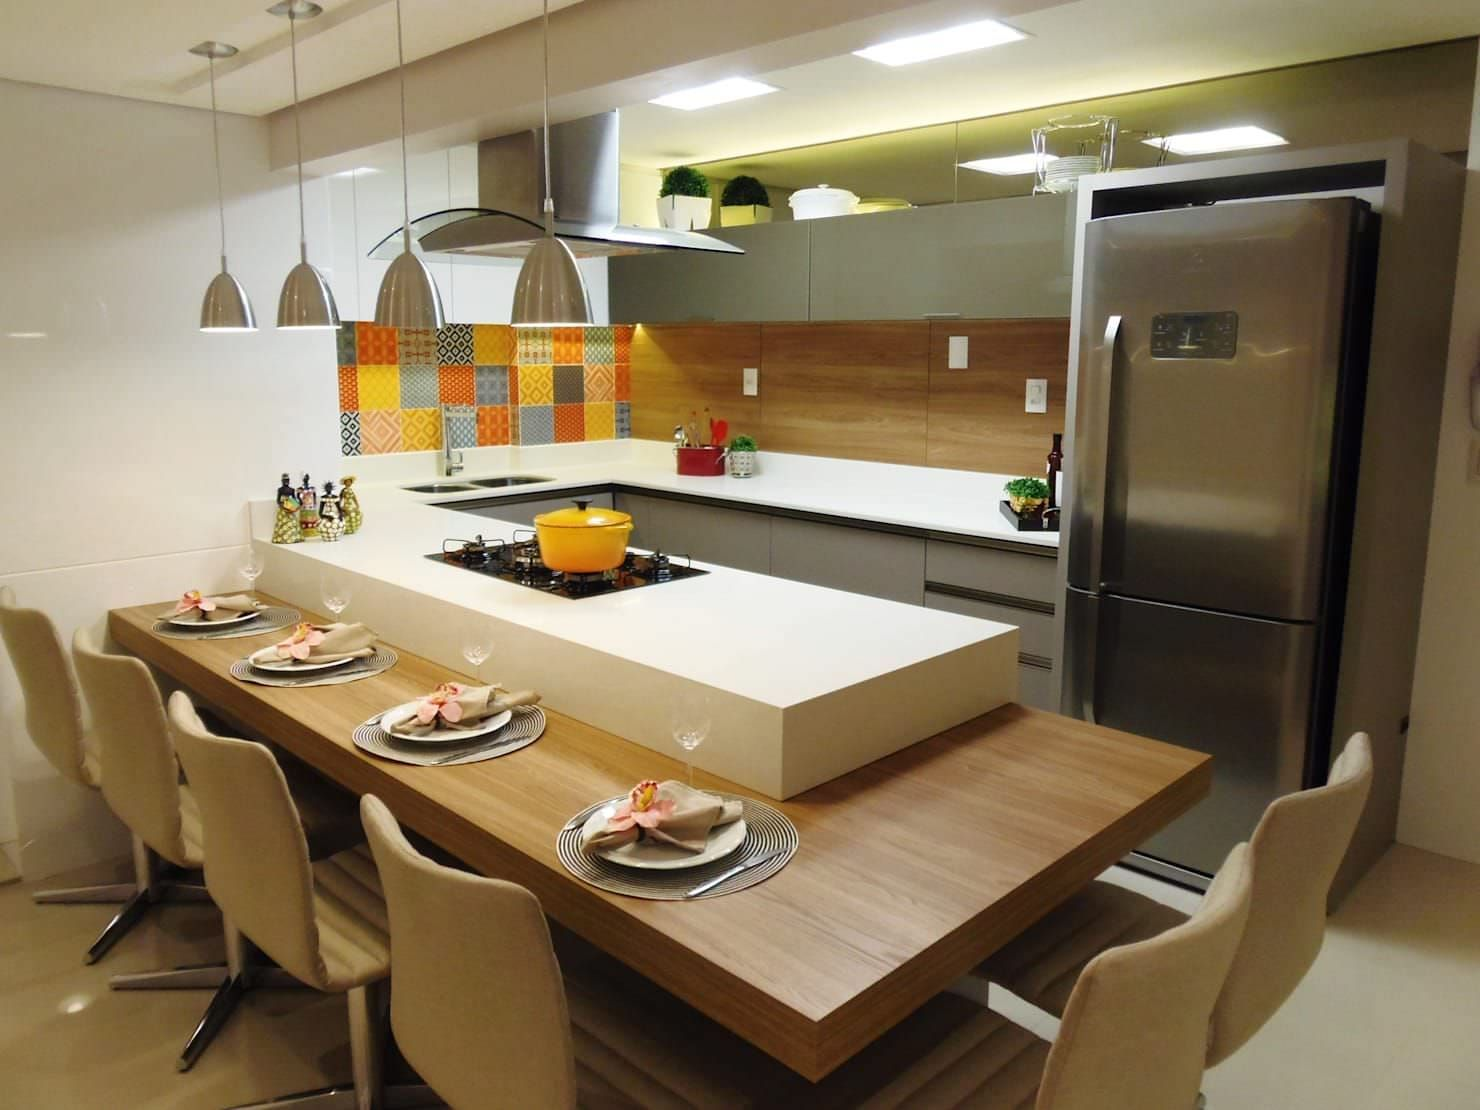 Idee Di Cucina Con Isola.100 Idee Cucine Con Isola Moderne E Funzionali Interni